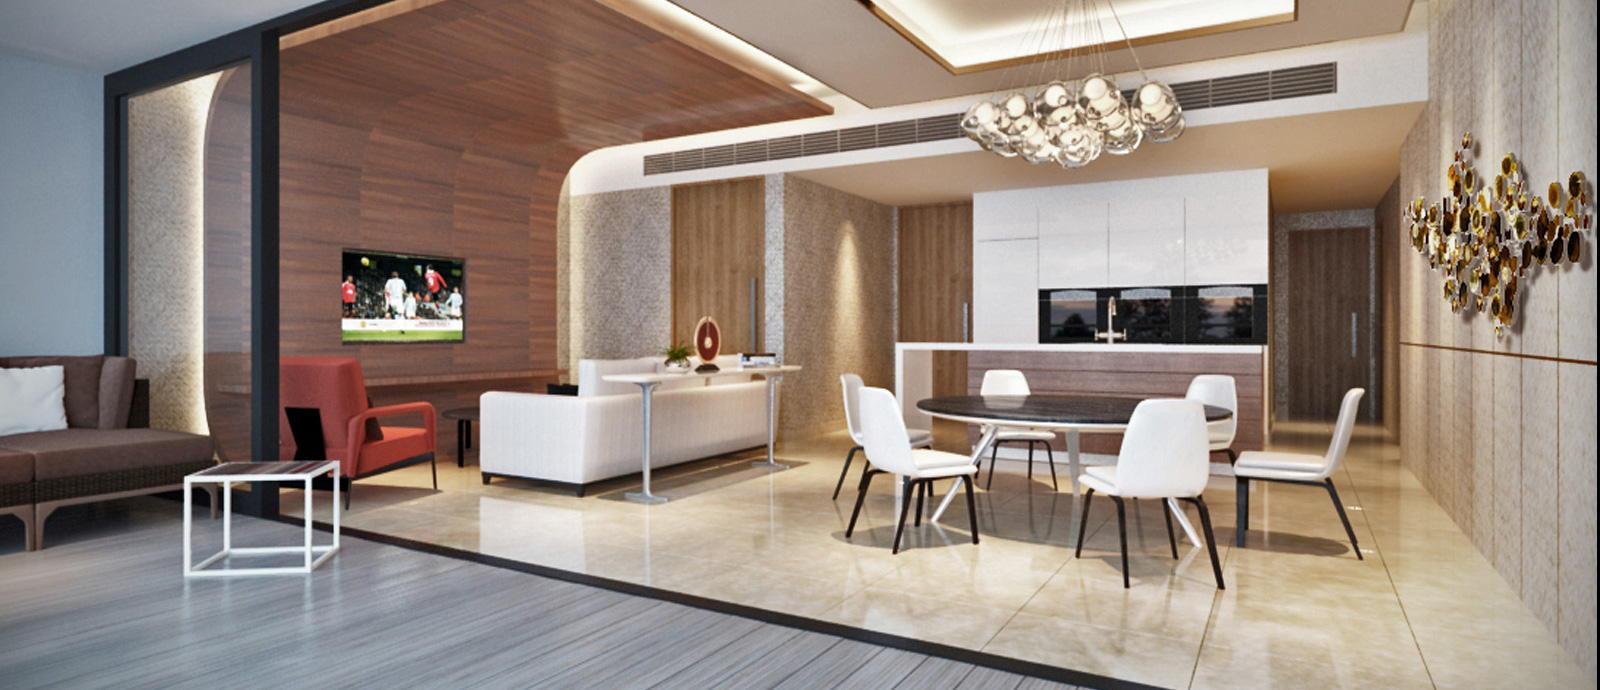 Factors That Successful Interior Design Companies Always